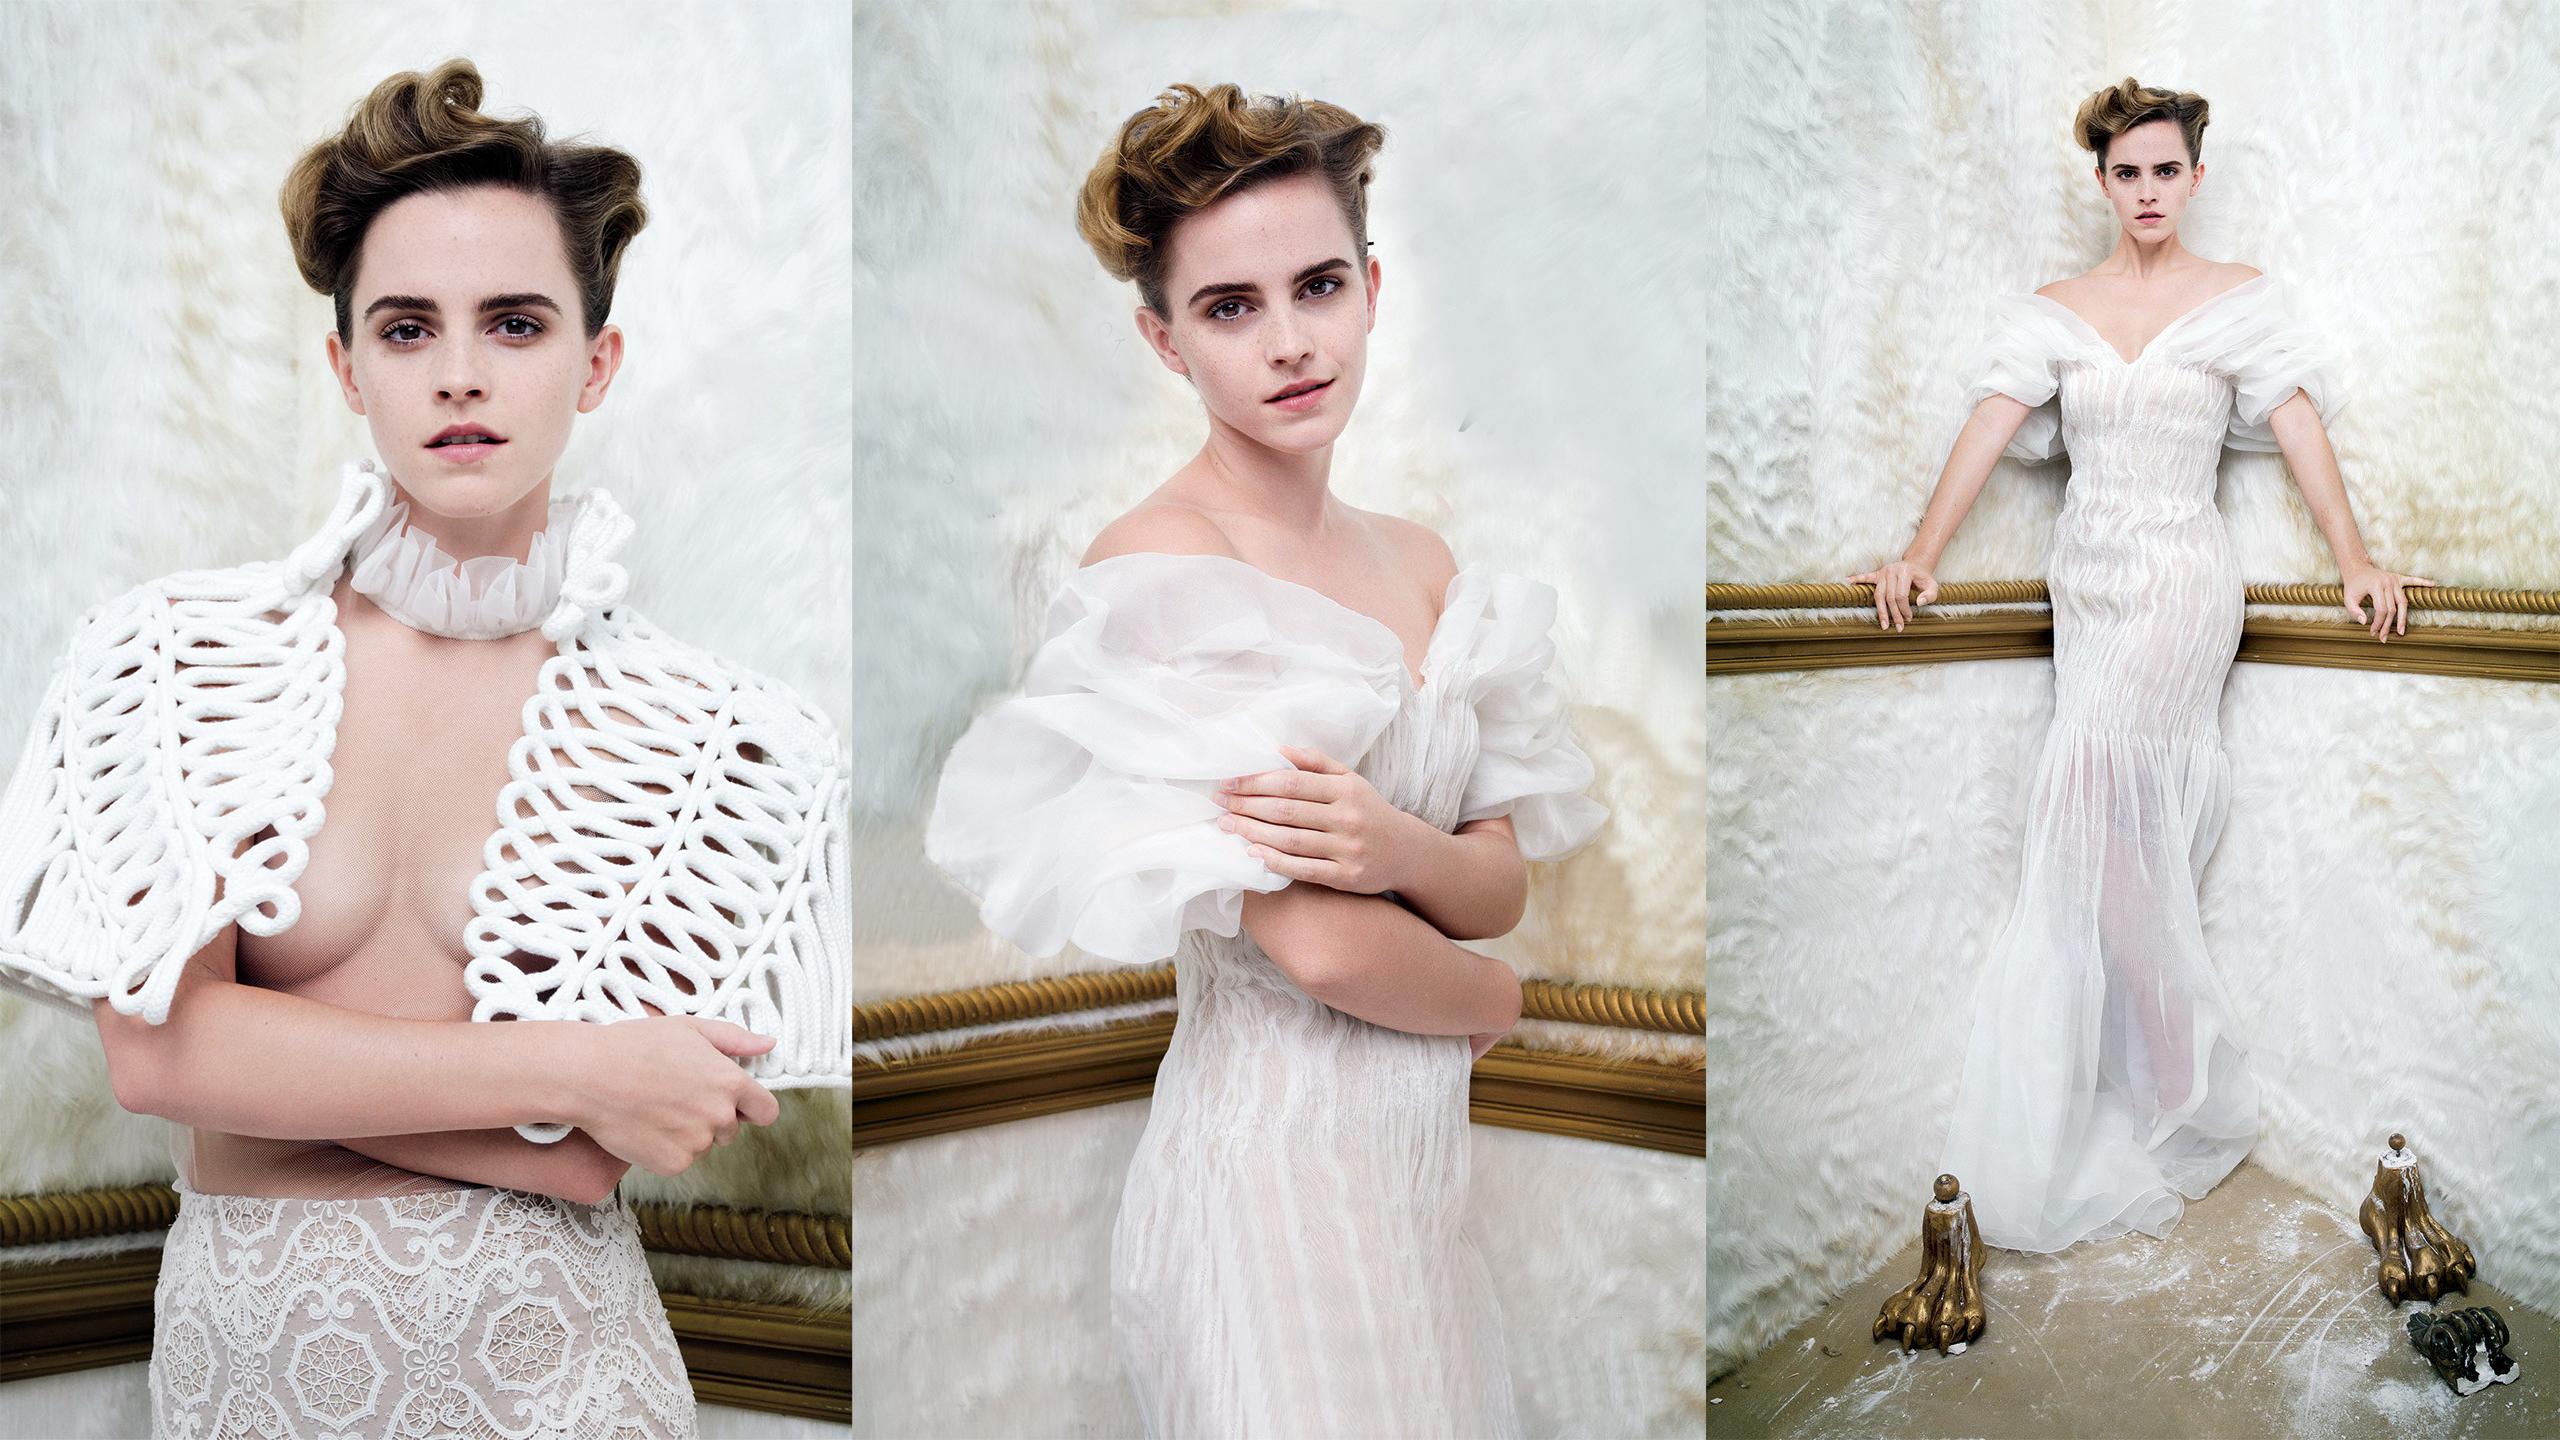 Hintergrundbilder : Frau, Collage, Emma Watson, Vanity Fair, weißes ...